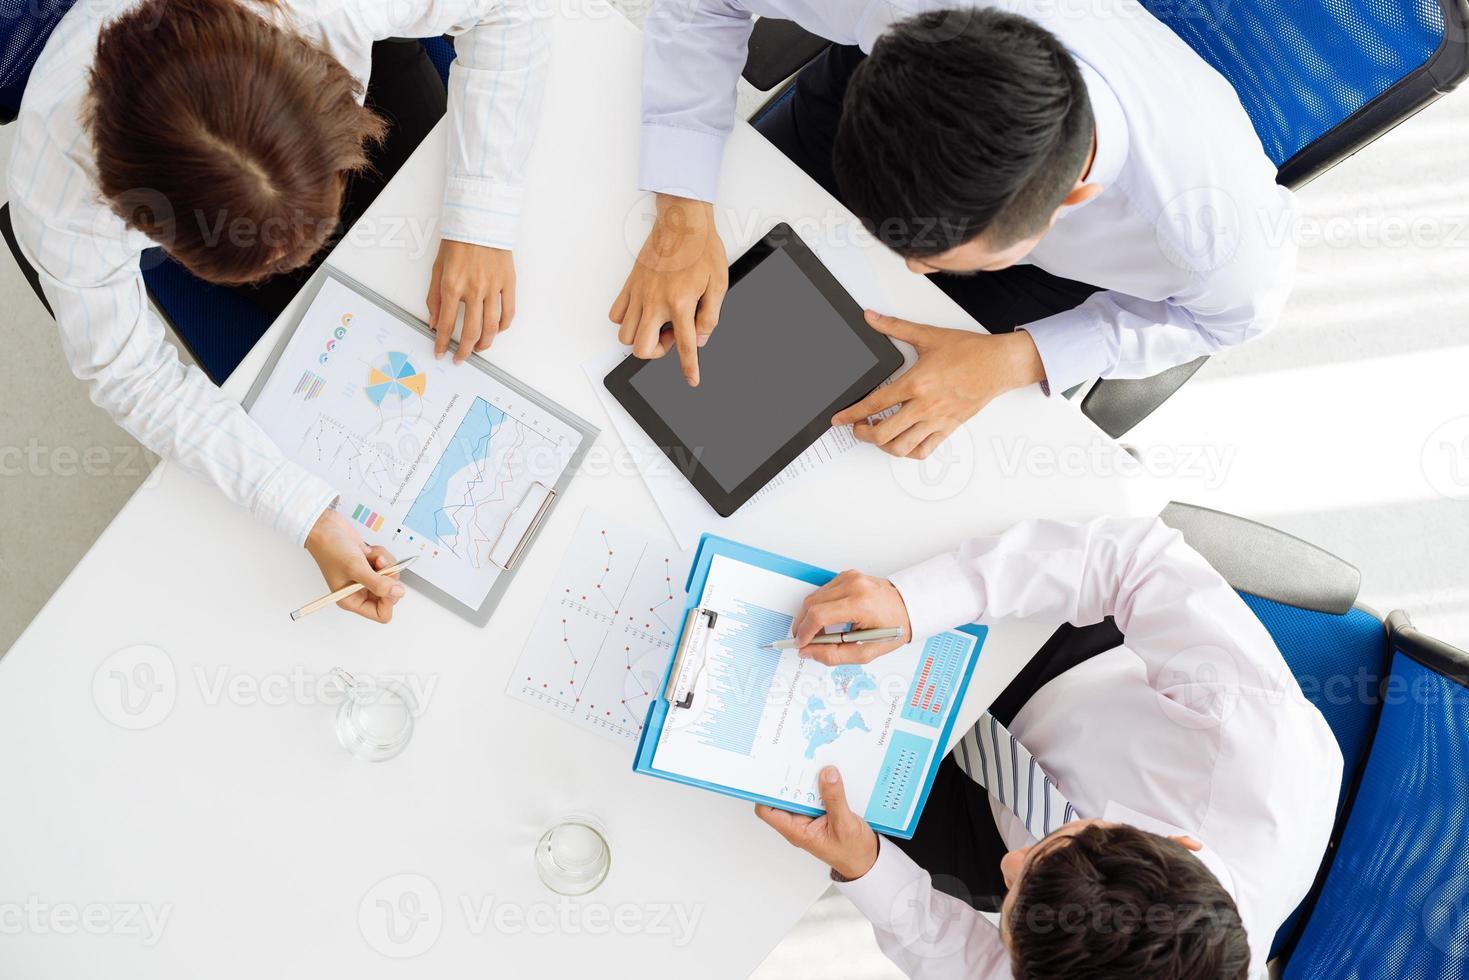 Diskussion von Diagrammen und Grafiken foto